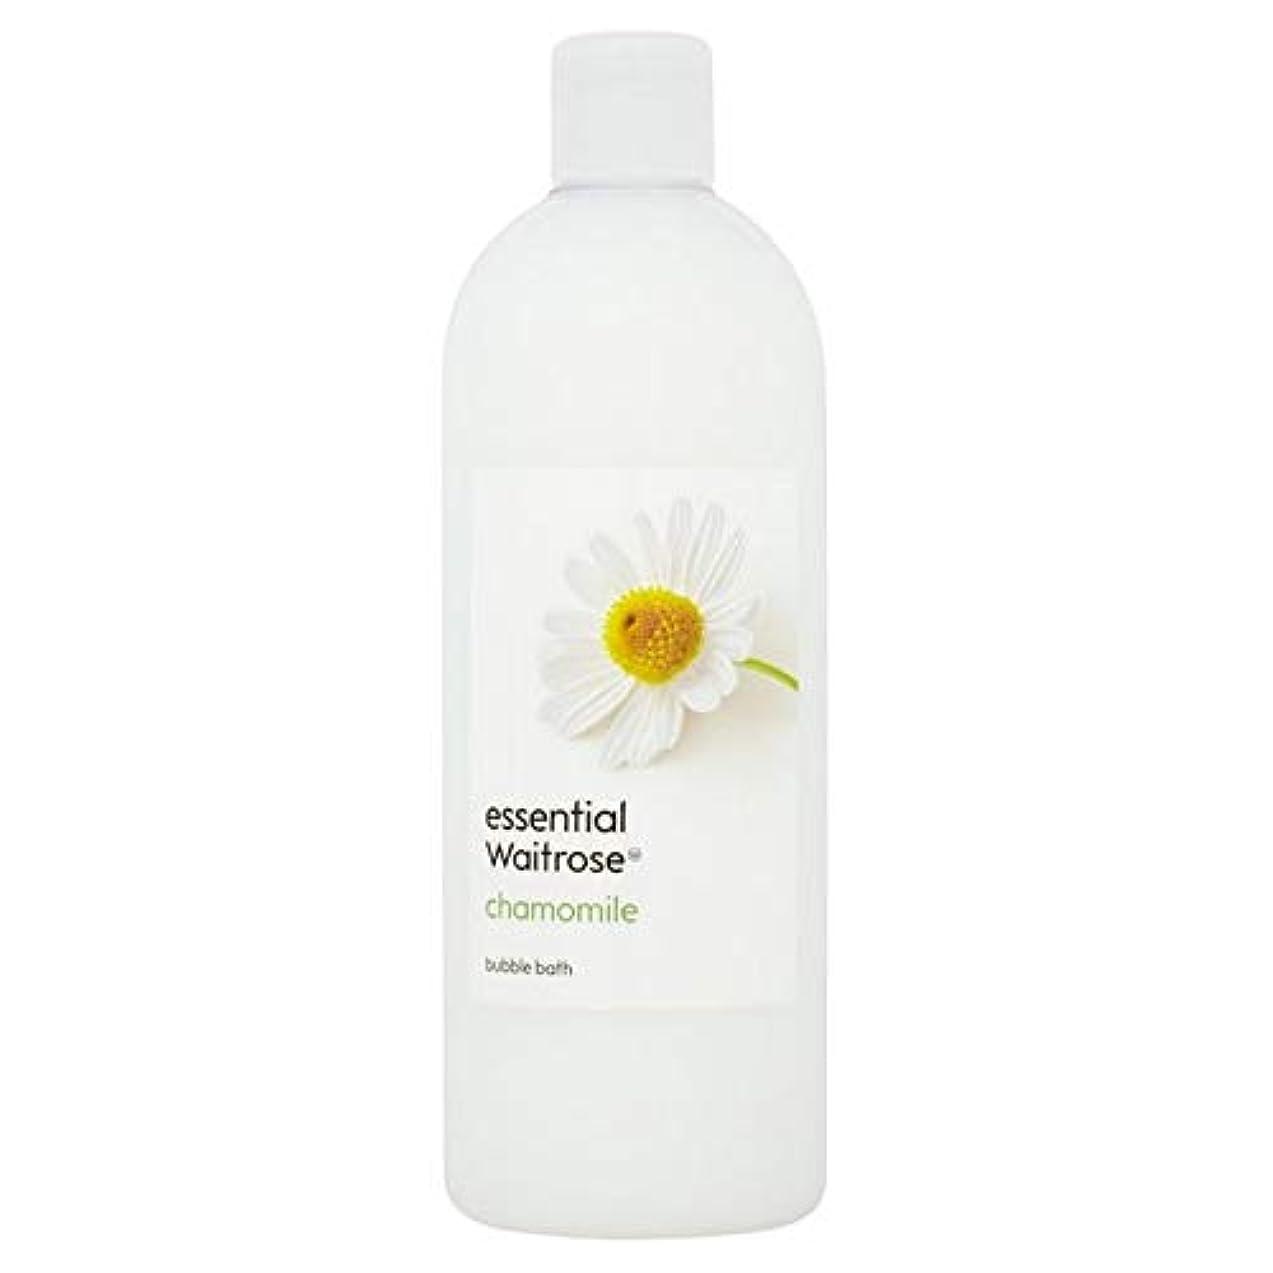 再発するに関して白内障[Waitrose ] 基本的なウェイトローズ泡風呂のカモミール750ミリリットル - Essential Waitrose Bubble Bath Chamomile 750ml [並行輸入品]